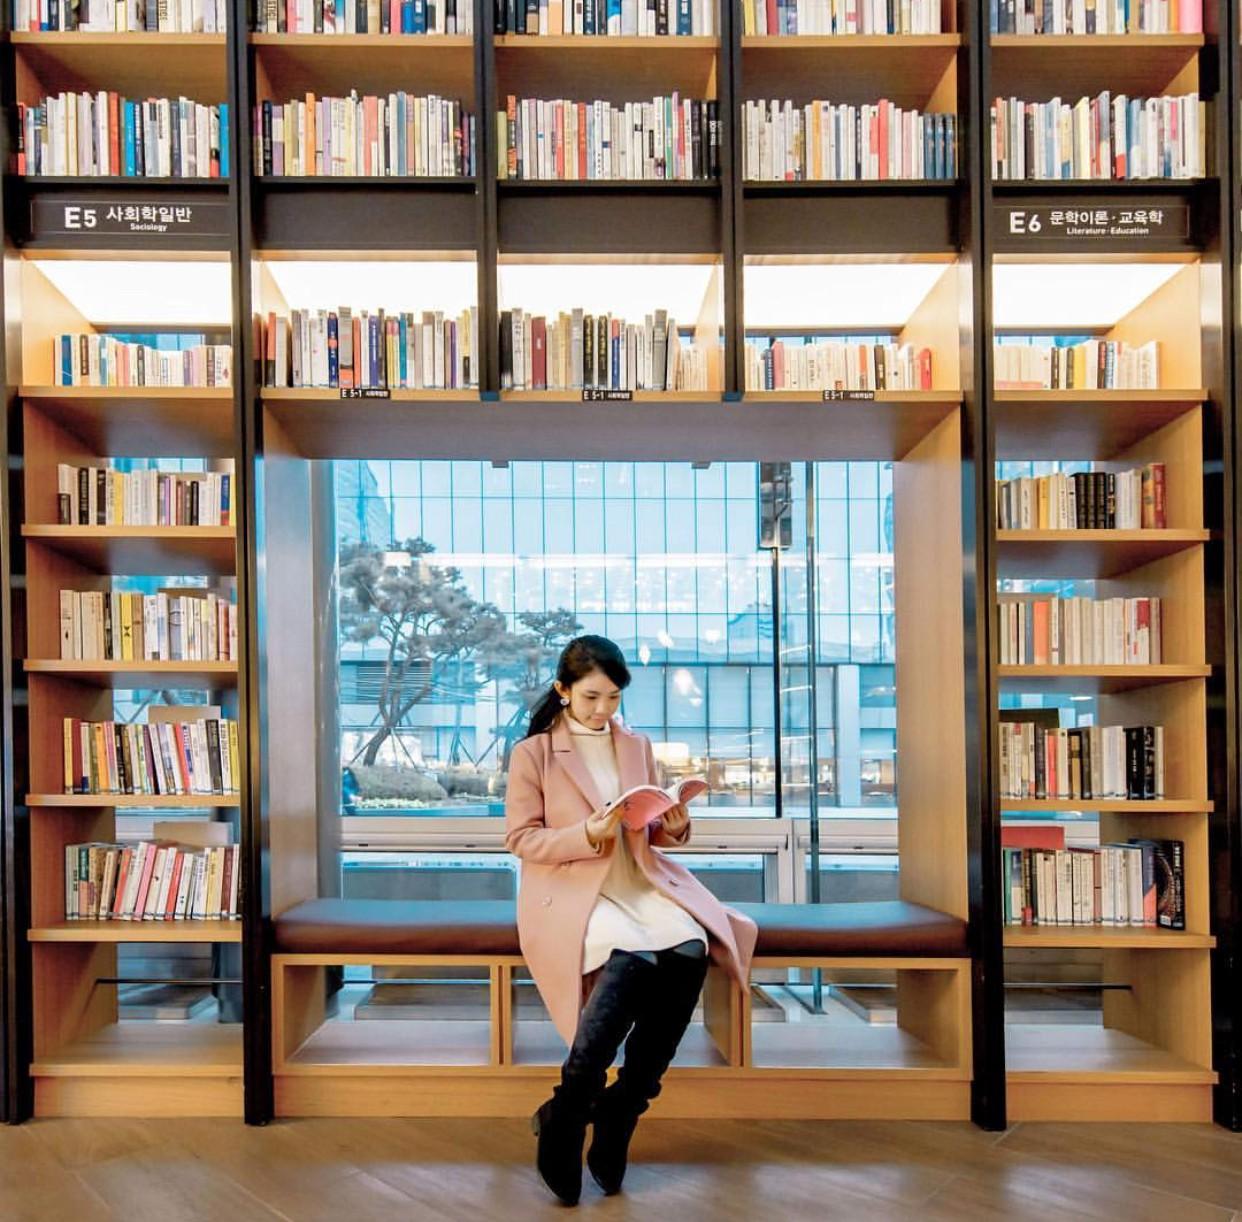 Thư viện khổng lồ nằm ở tận Seoul nhưng bạn trẻ Việt Nam nào đến đây cũng phải check-in cho bằng được! - Ảnh 18.